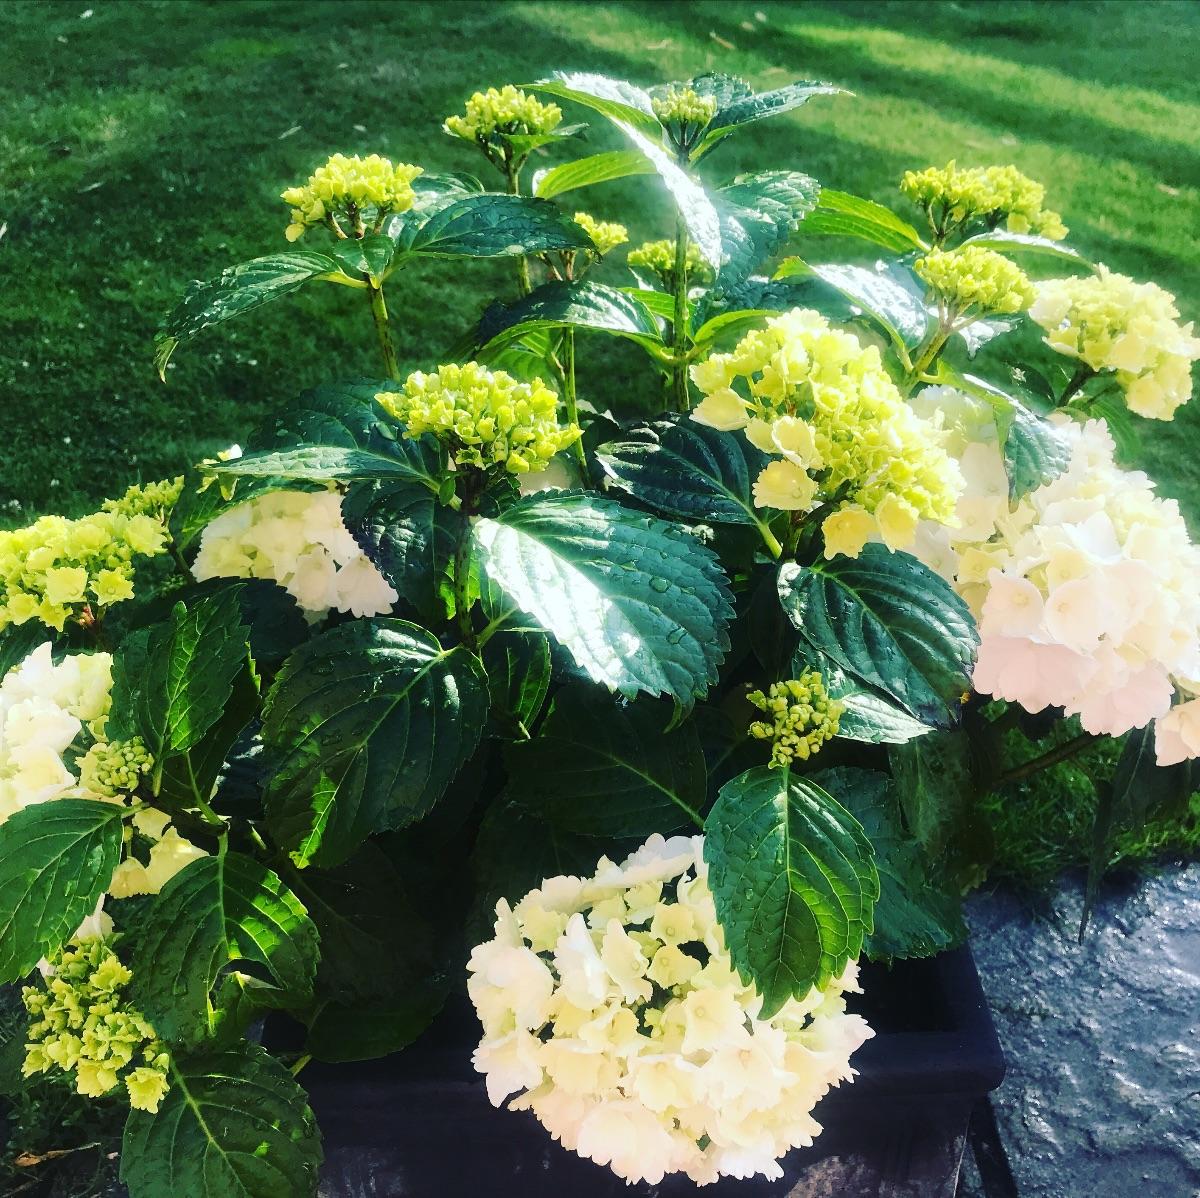 Ed's Gardening Business potted hydrangeas in summer garden